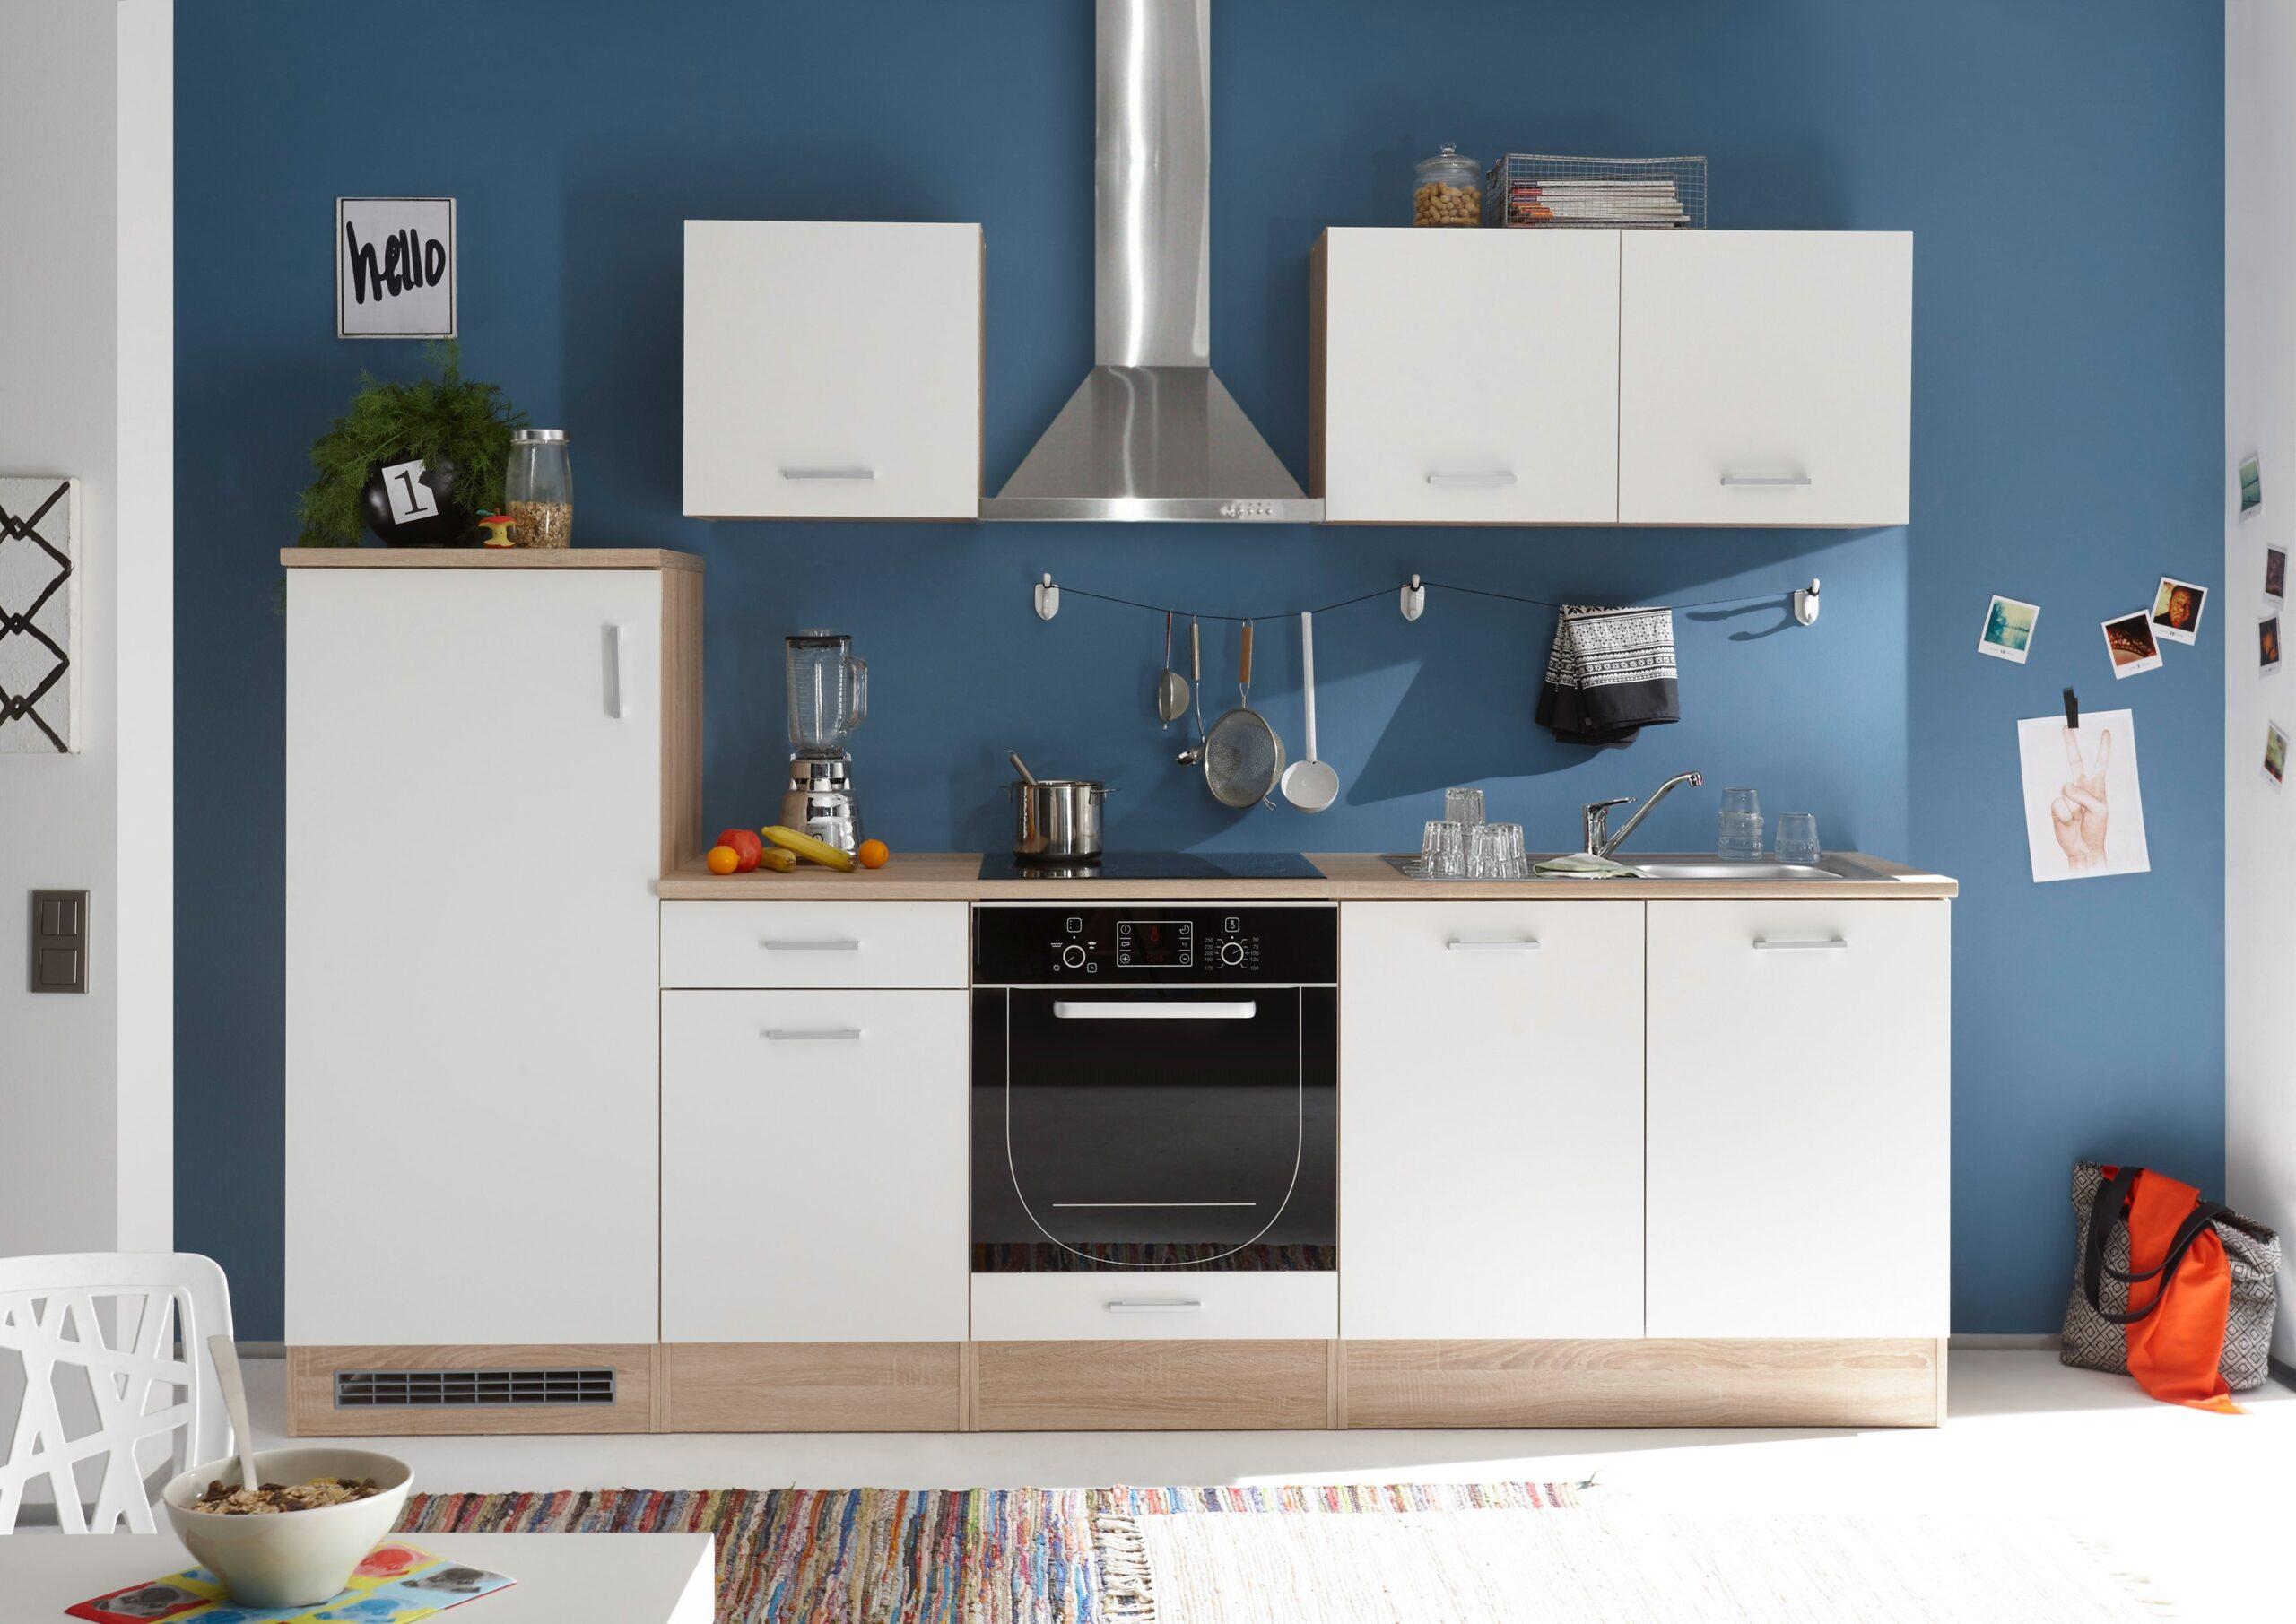 Full Size of Kche And Kchenblock Kchenzeile Komplettkche 270cm Singlekche Wohnzimmer Miniküchen